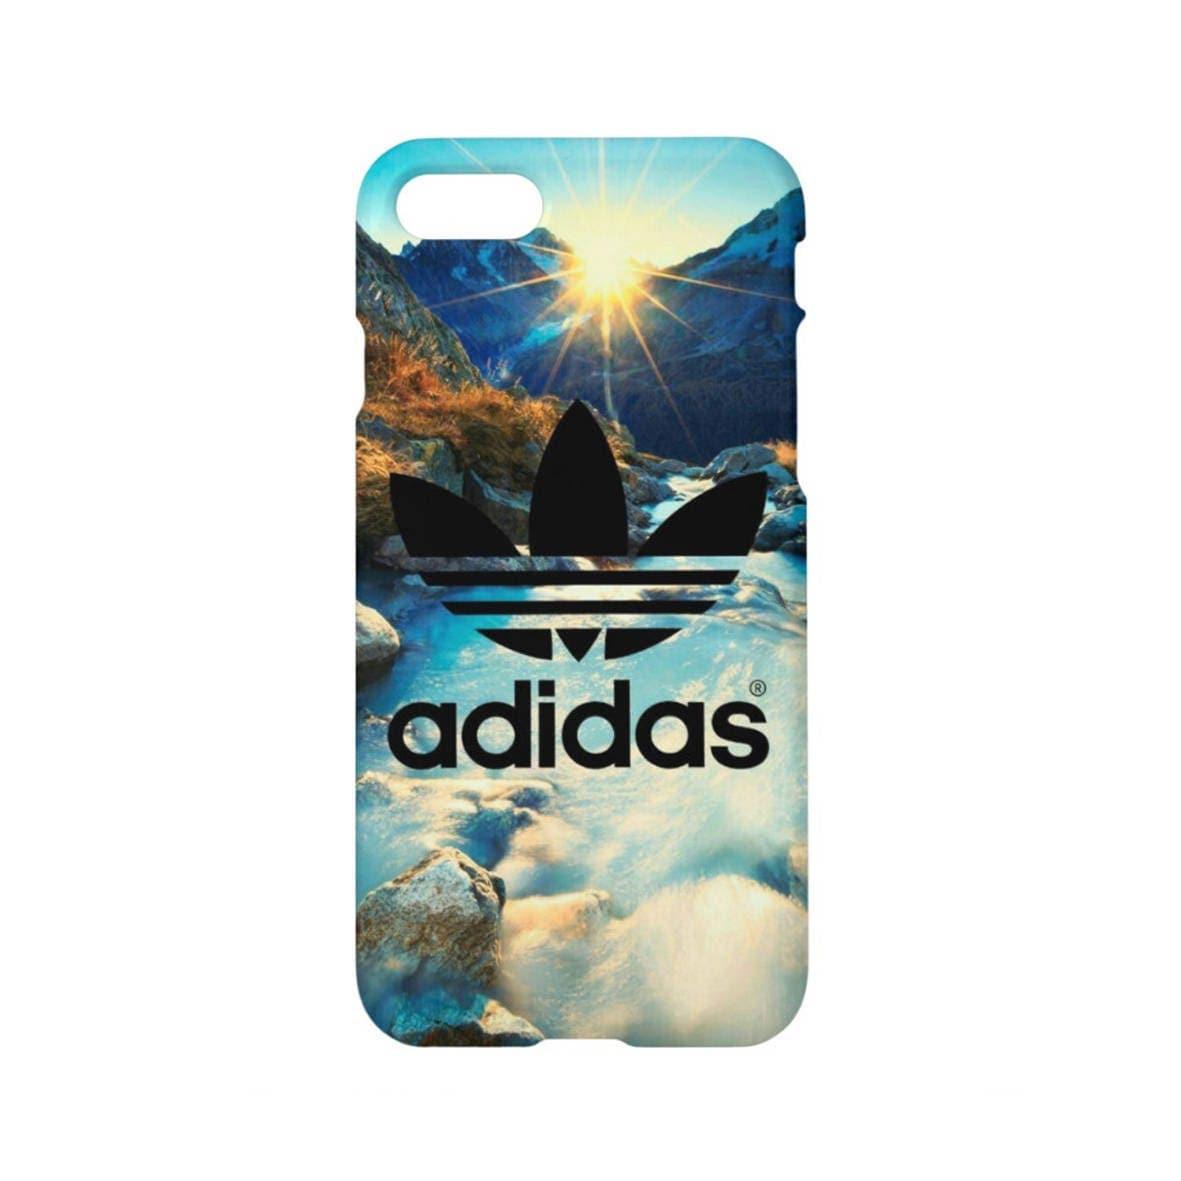 Iphonex Adidas Iphone8 Originals Adicolor Case Iphone X Black 8 Plus 7